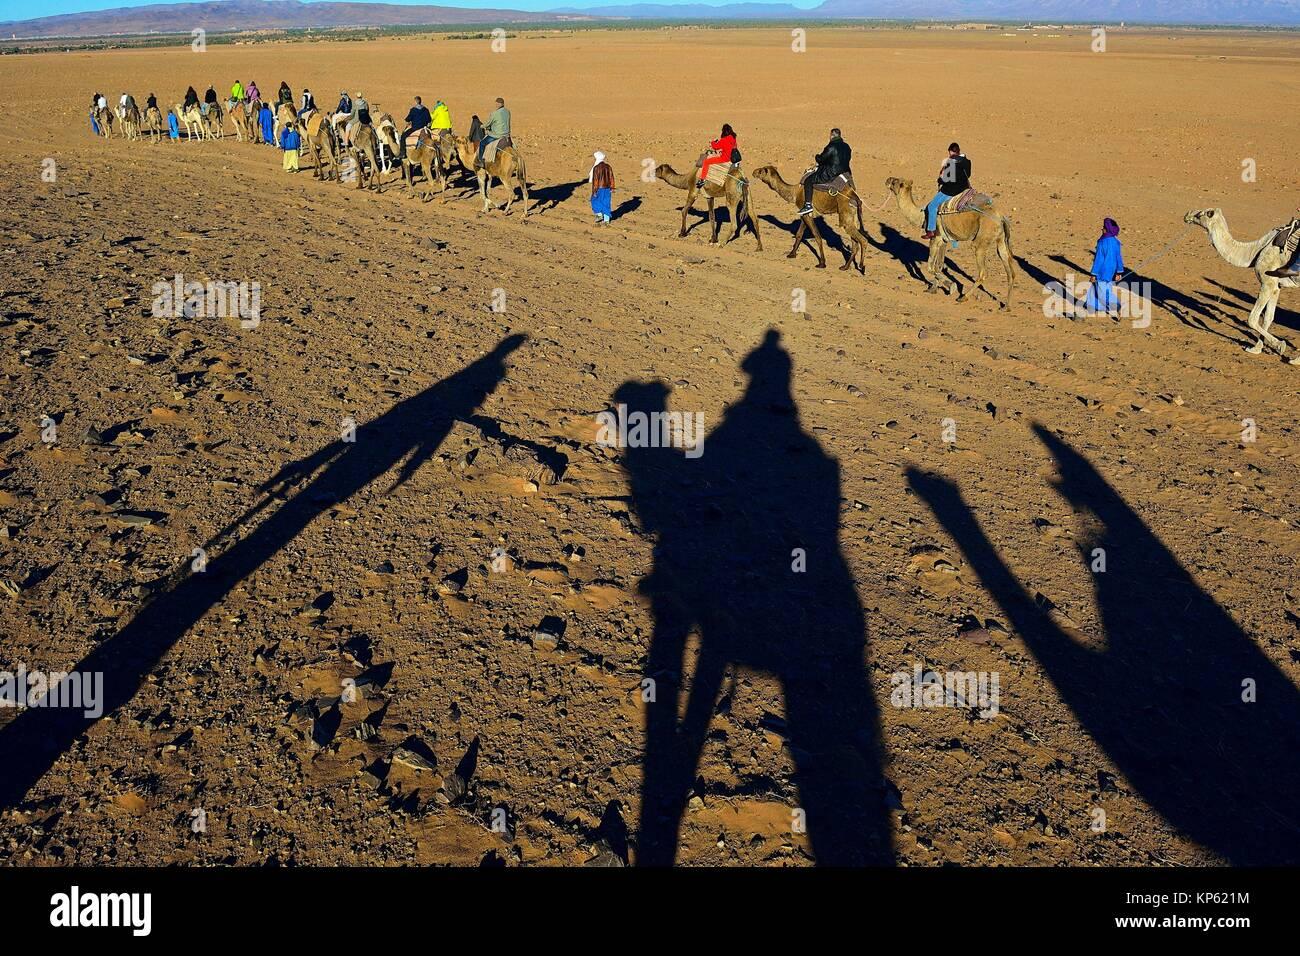 Turismo en el desierto cerca de Zagora, en el sur de Marruecos. Imagen De Stock